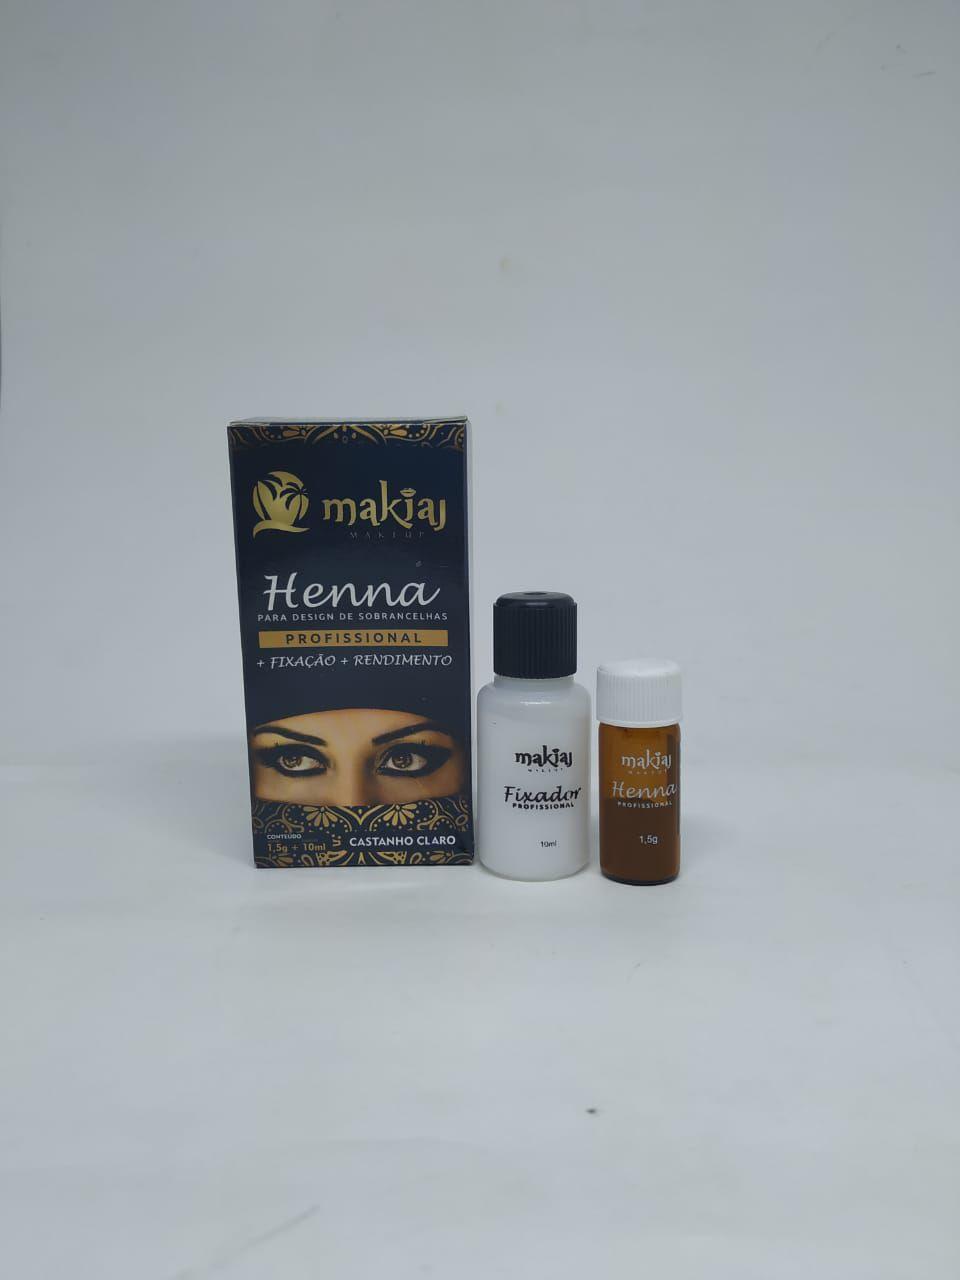 HENNA / Makiaj